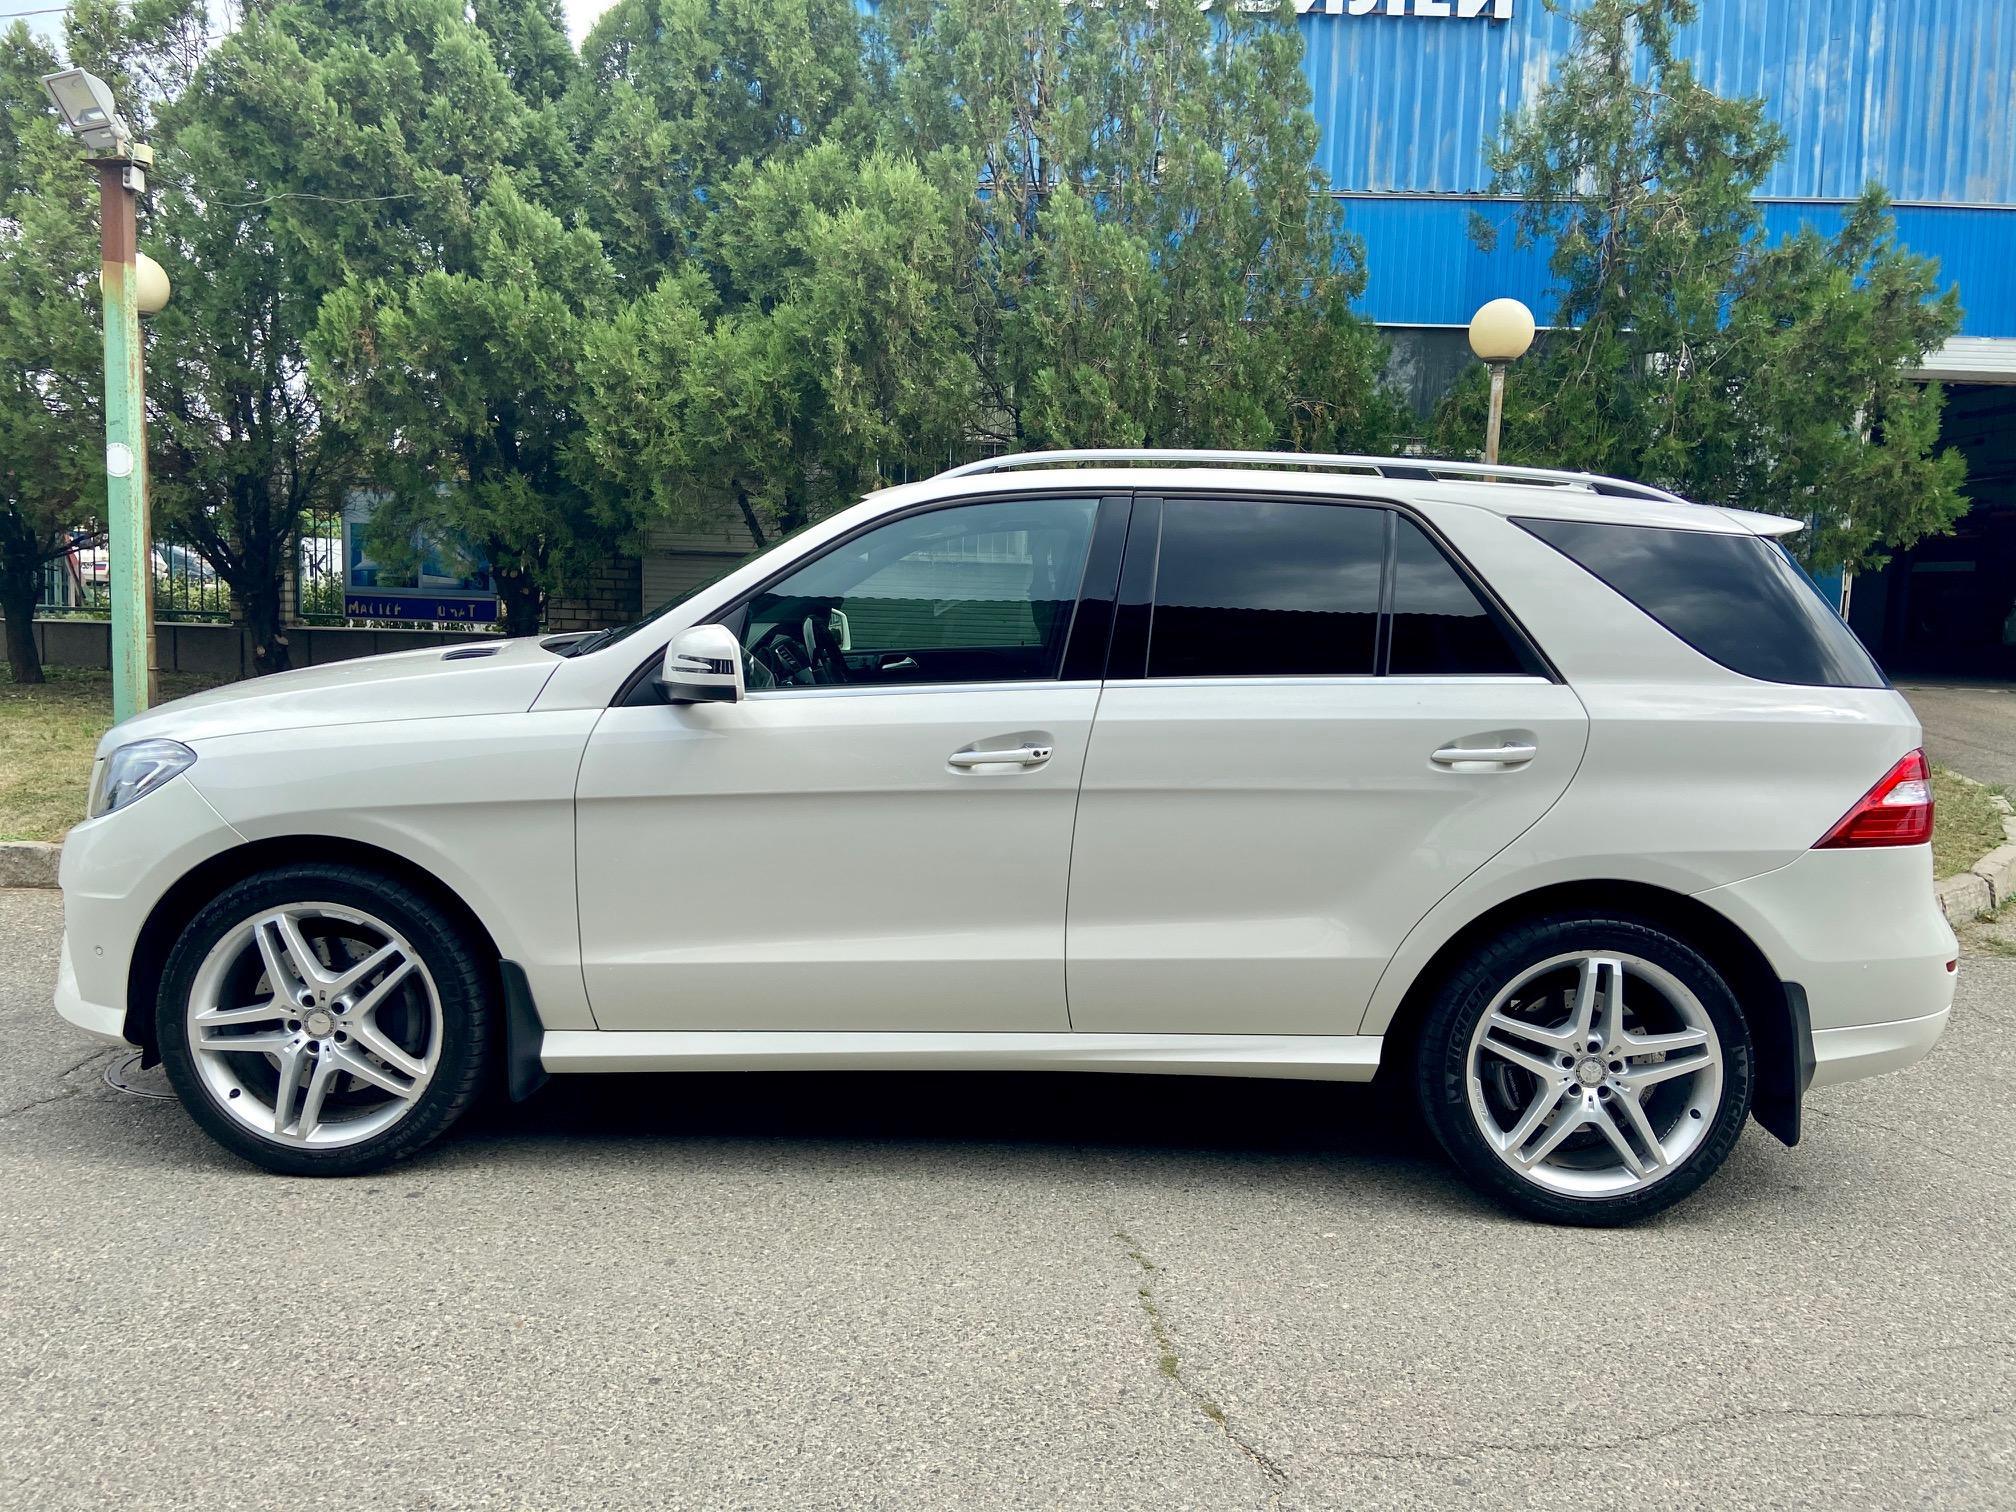 Купить Mercedes-Benz ML 350 4MATIC (Белый) - Автопарк Ставрополь